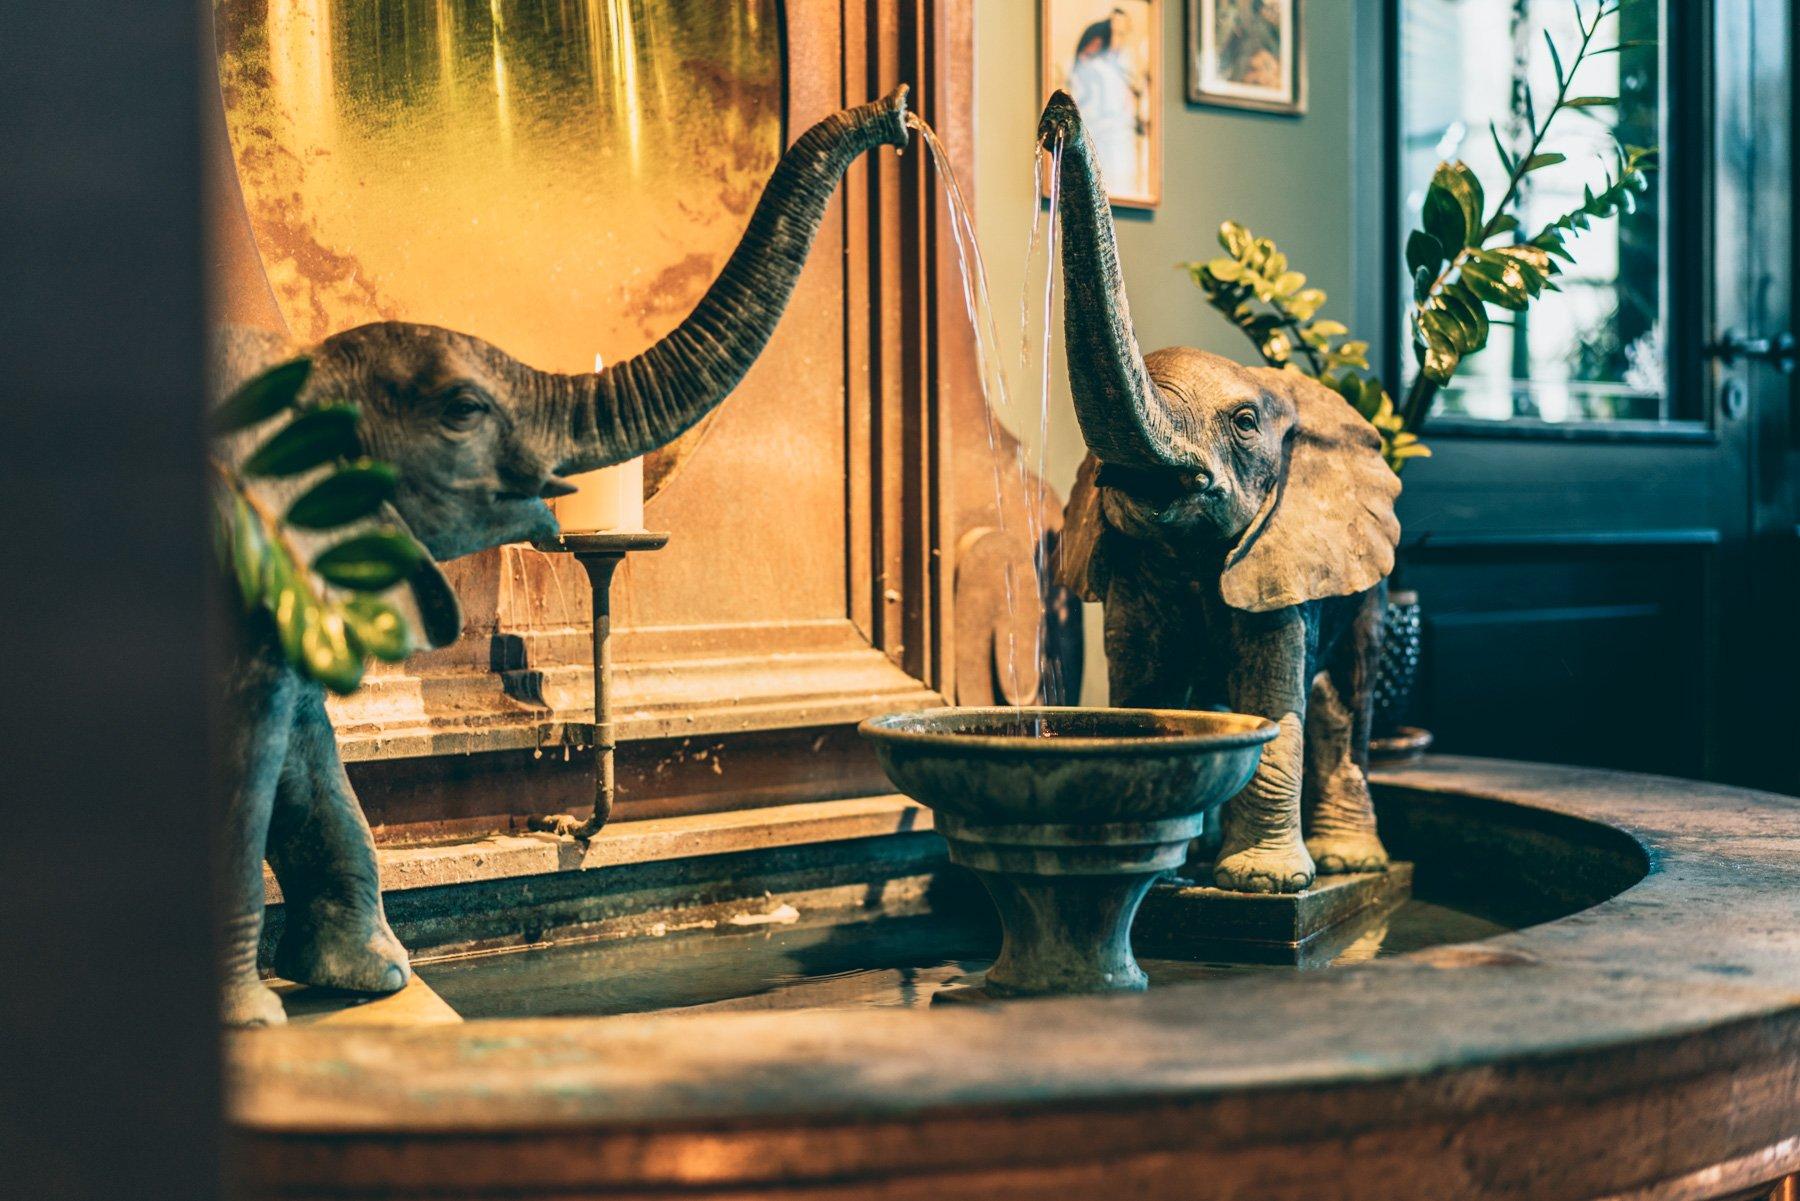 geheimtipp muenchen 25 hours hotel 91 – ©wunderland media GmbH